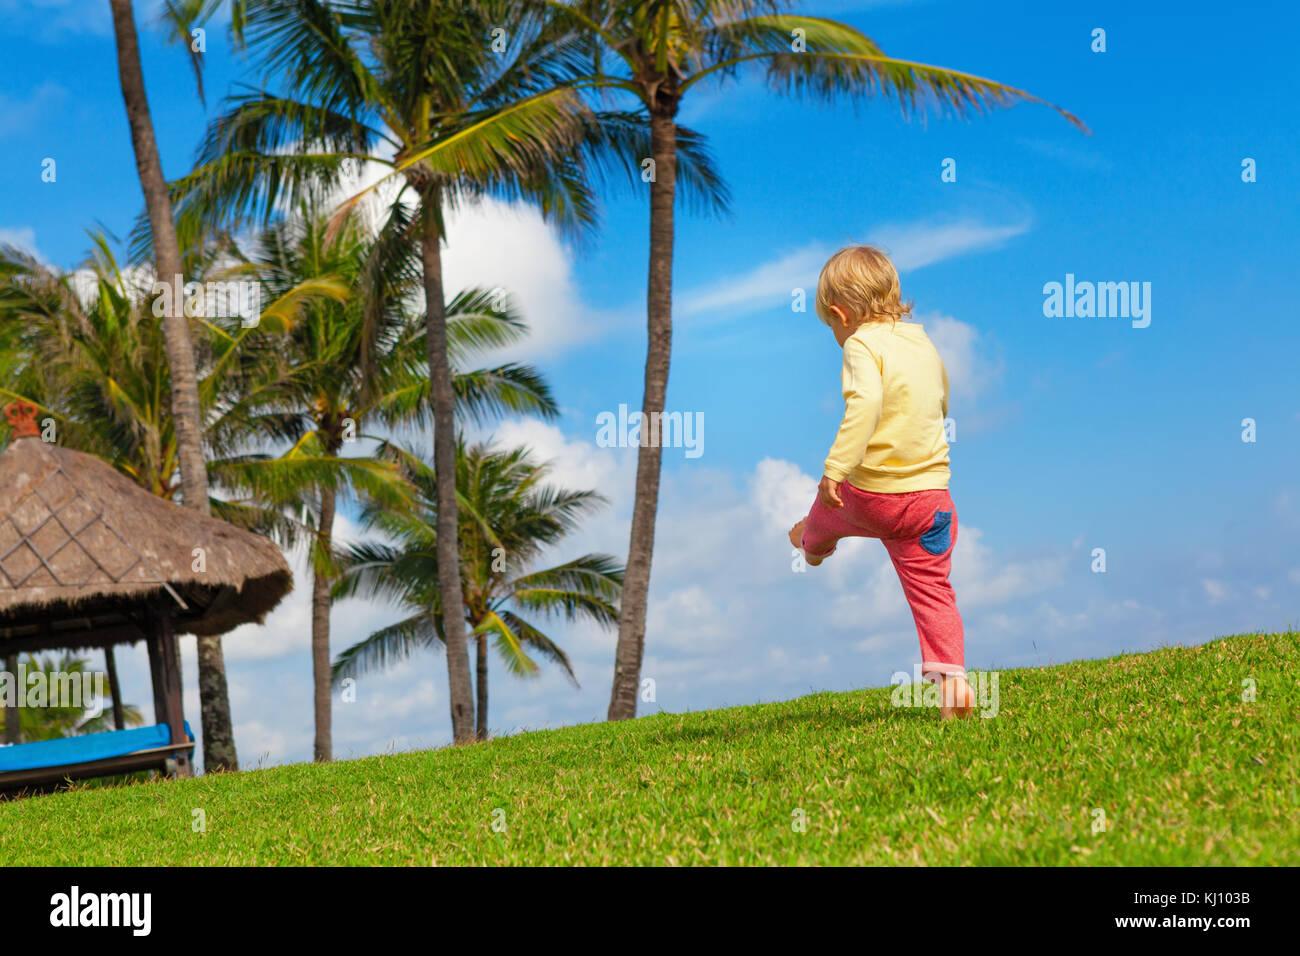 Niño feliz divertirse en fuera camine sin padres. activo muchacho correr y saltar alto por hierba en el complejo Imagen De Stock